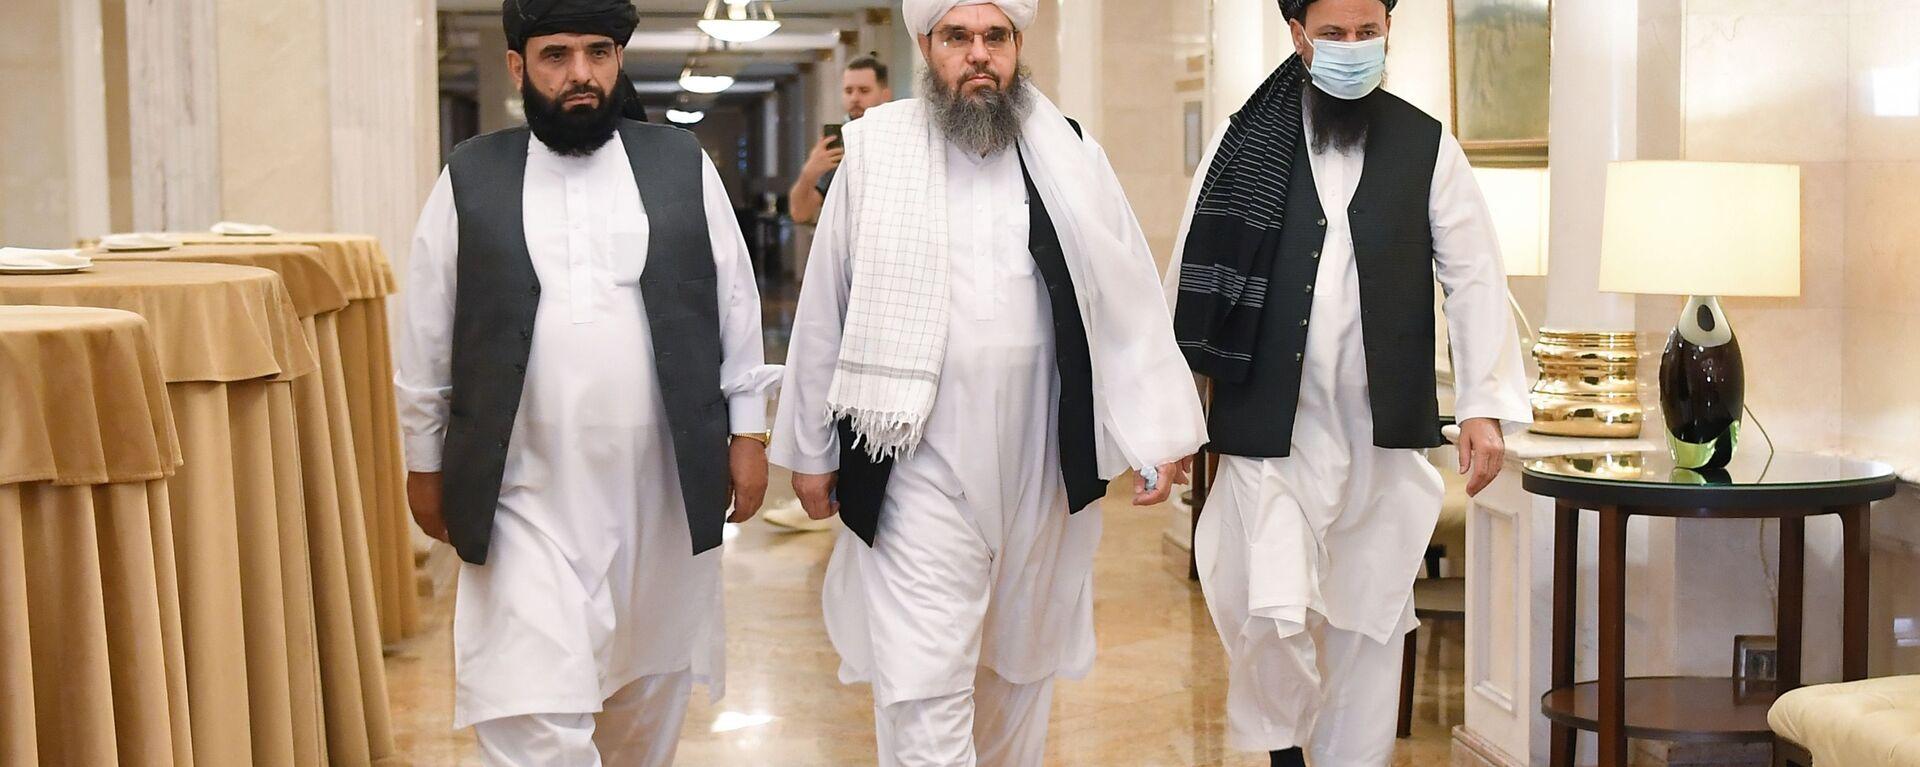 П/к делегации политического офиса движения Талибан (запрещено в РФ) в Москве - Sputnik Армения, 1920, 12.08.2021